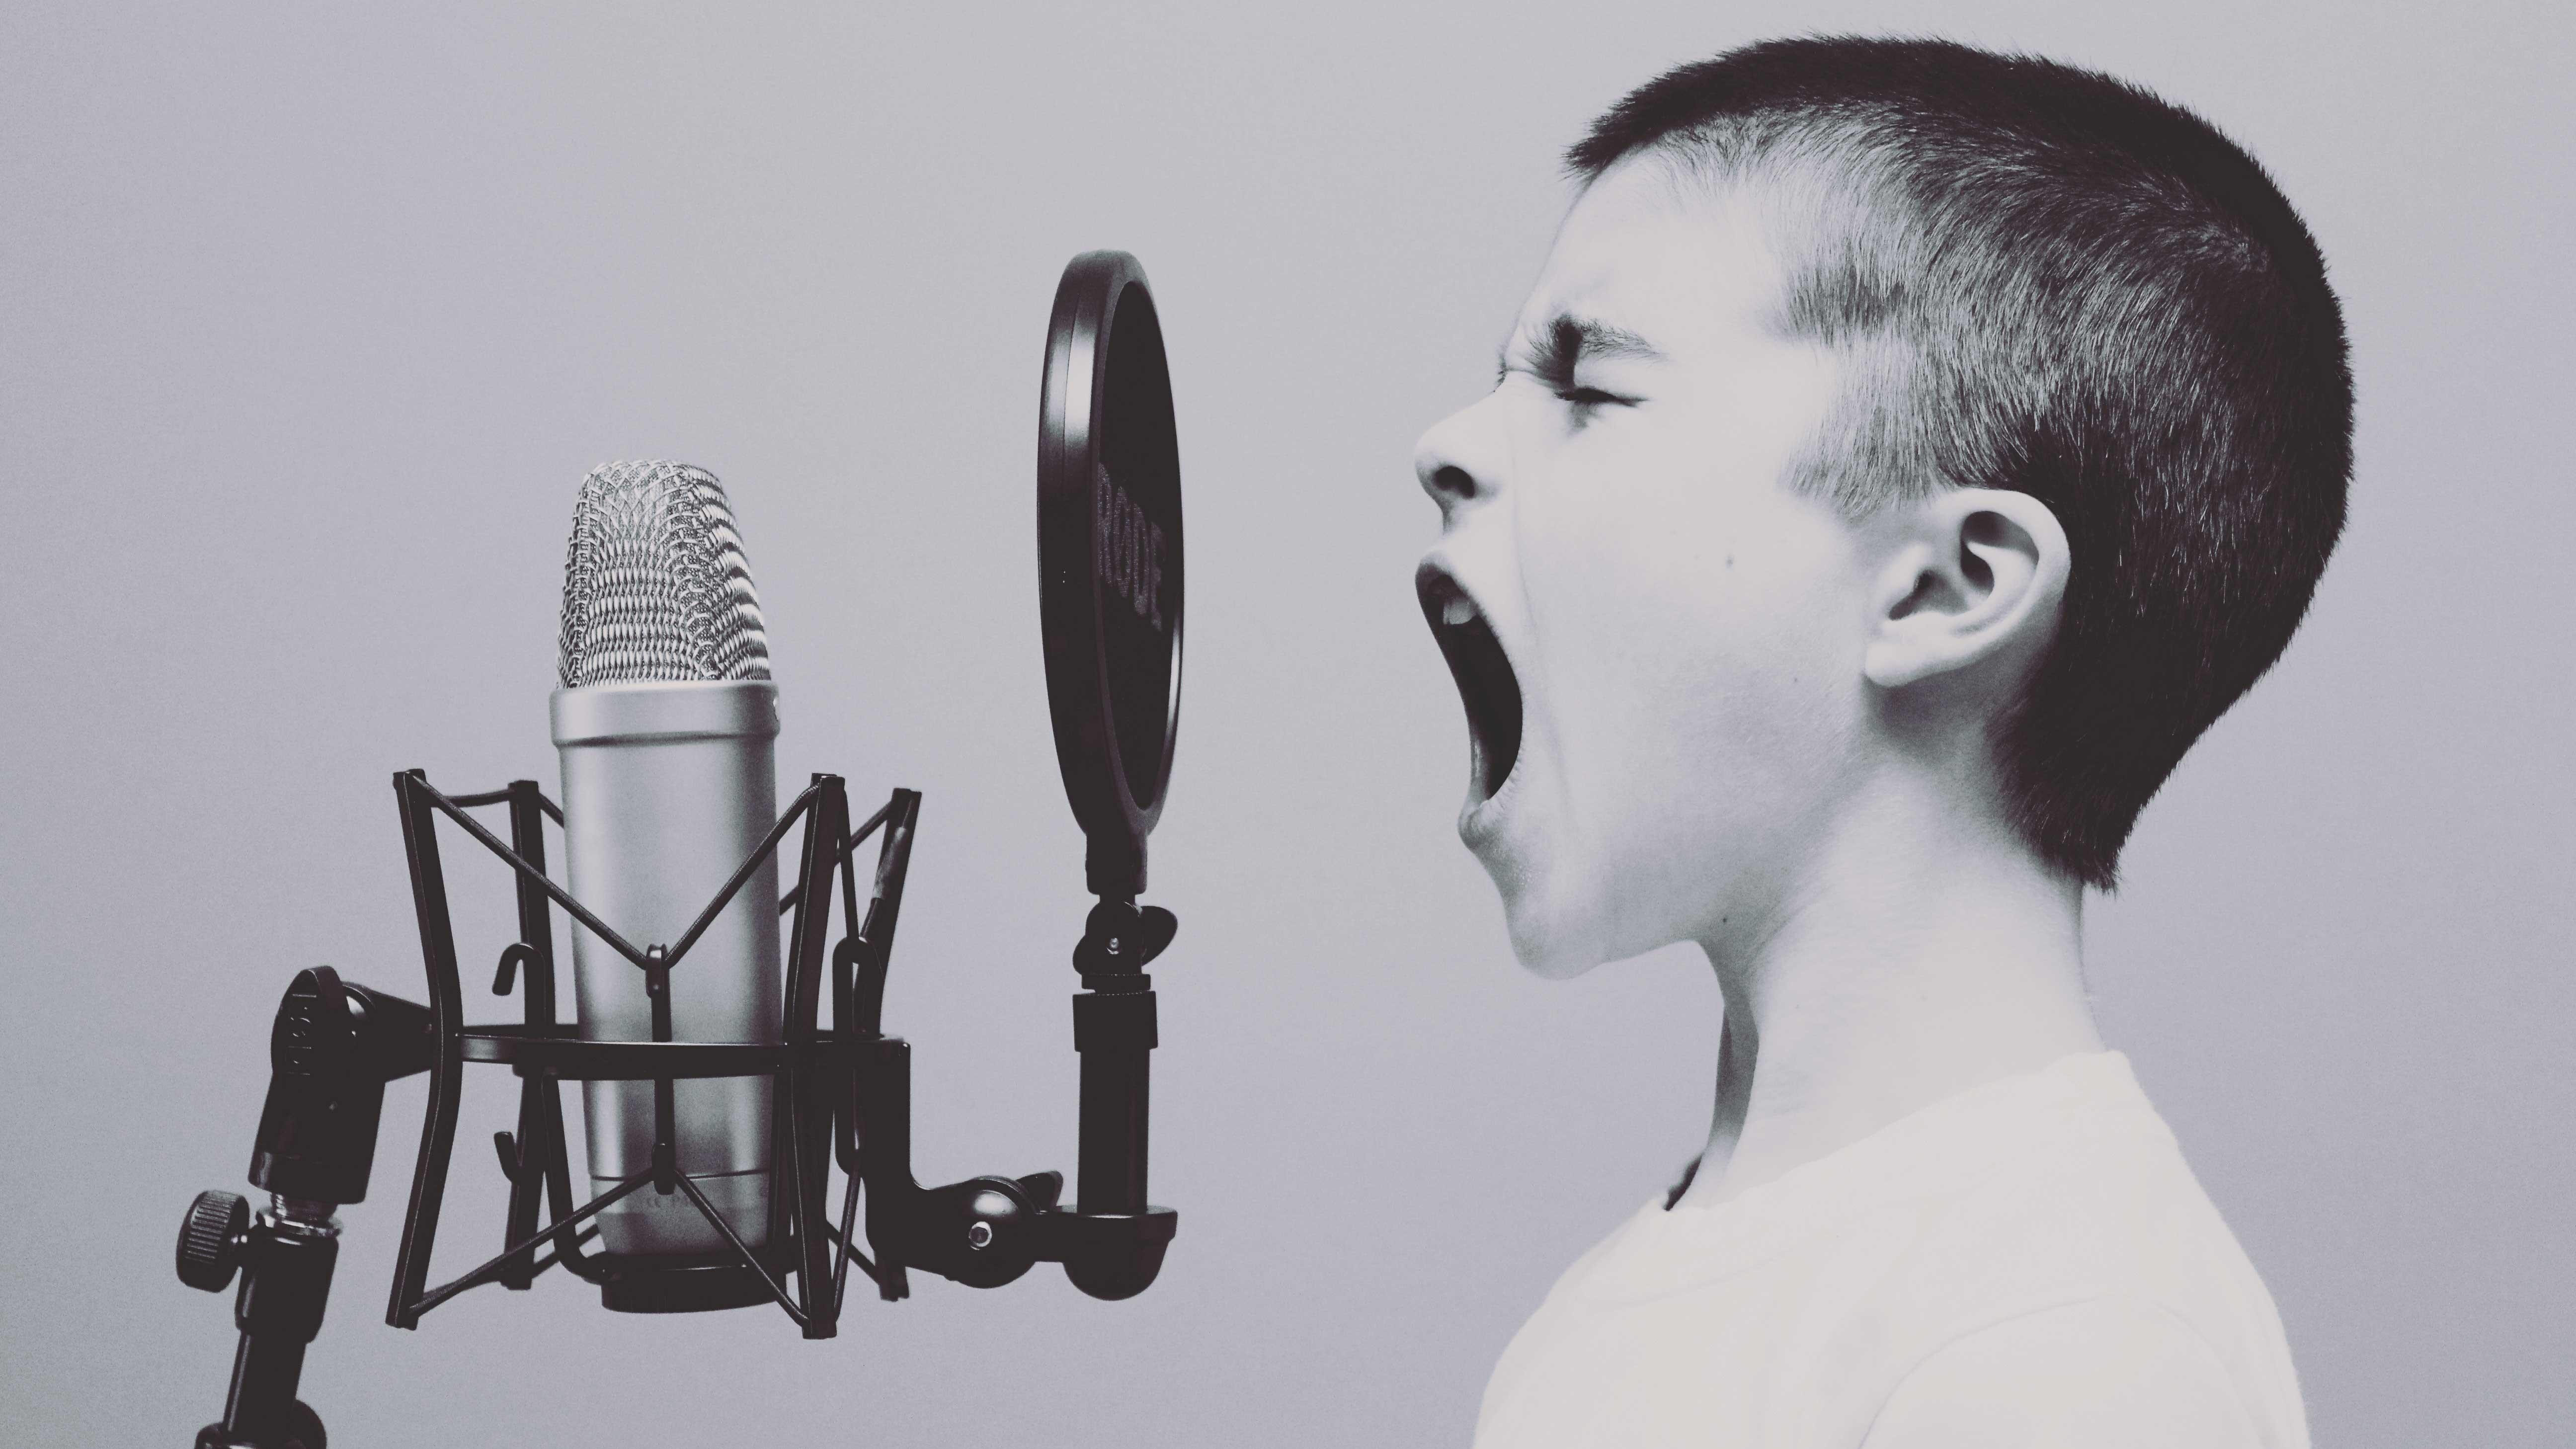 Dicas para melhorar sua oratória